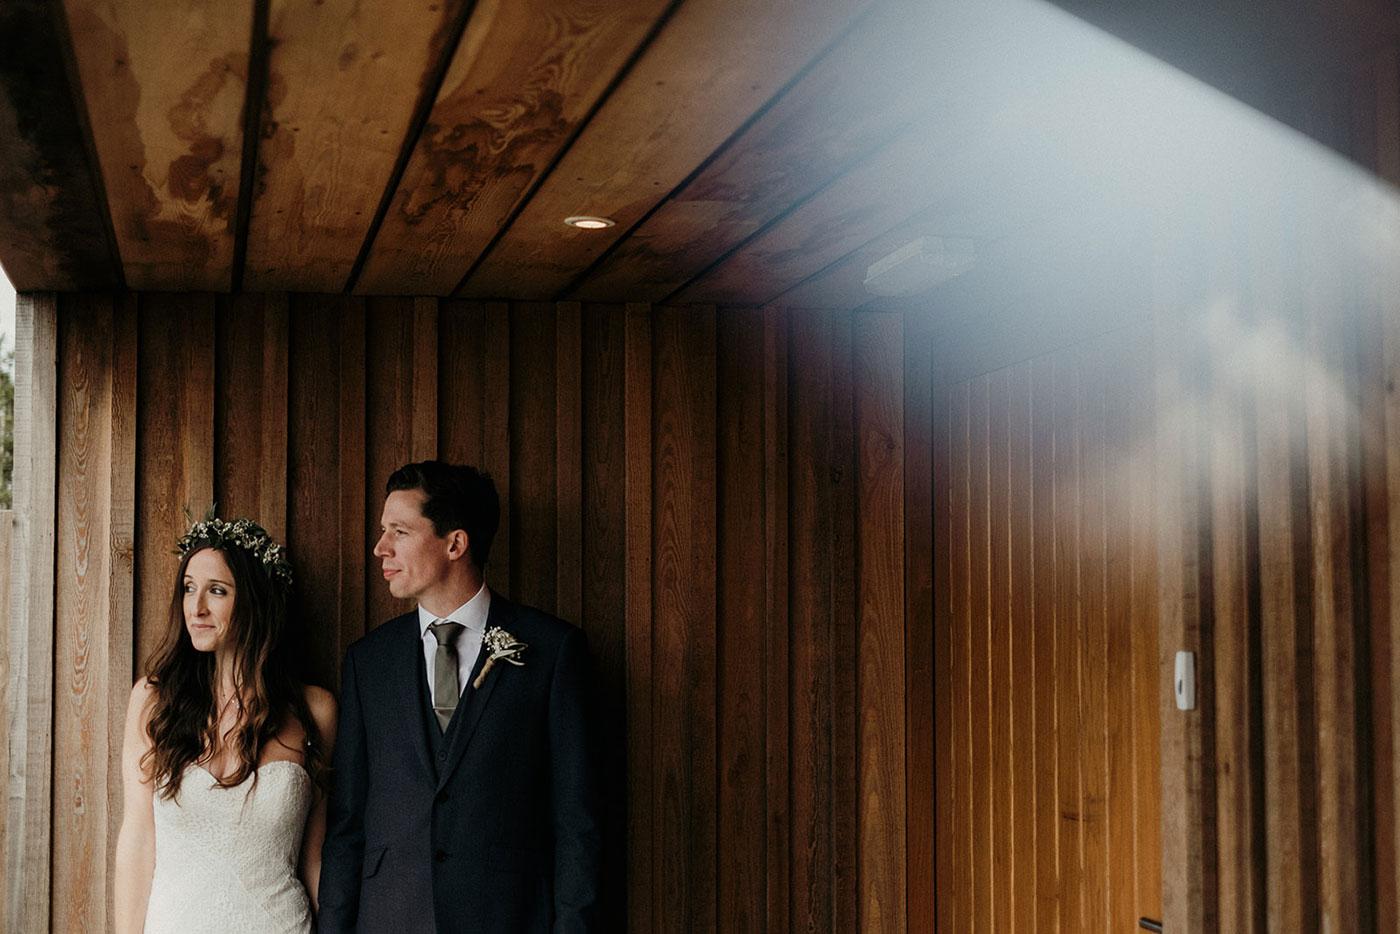 Casterley Barn Wedding Venue